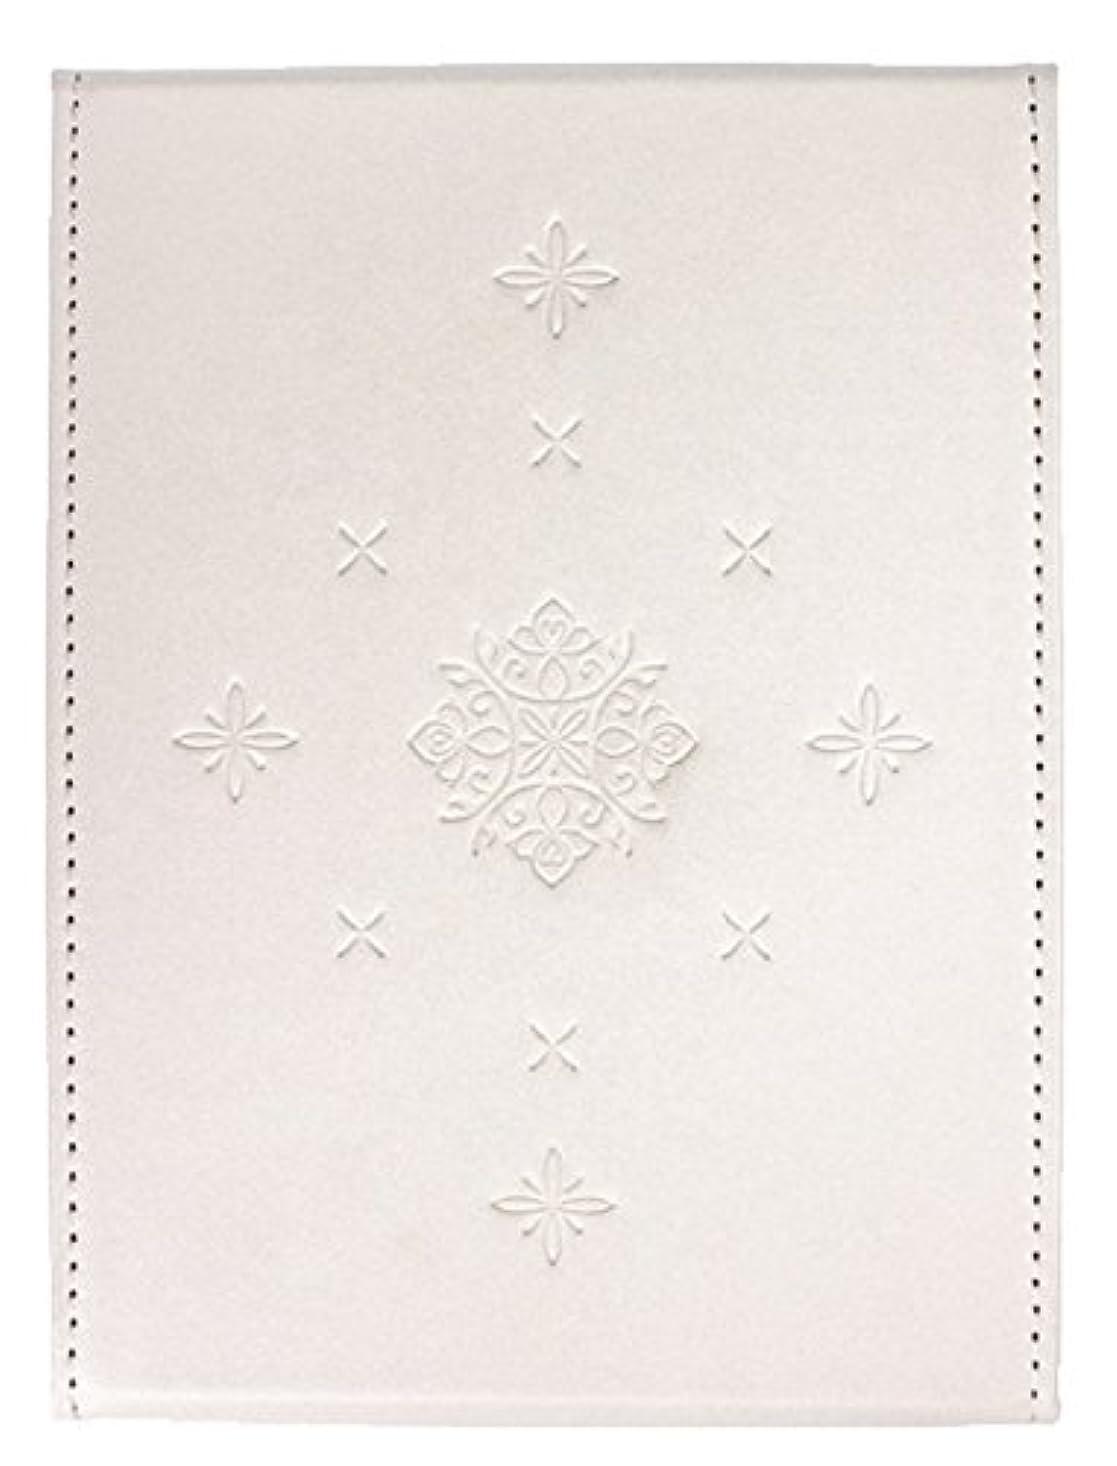 スリップ二十キルス粋 折立ミラー ホワイト YSU-02